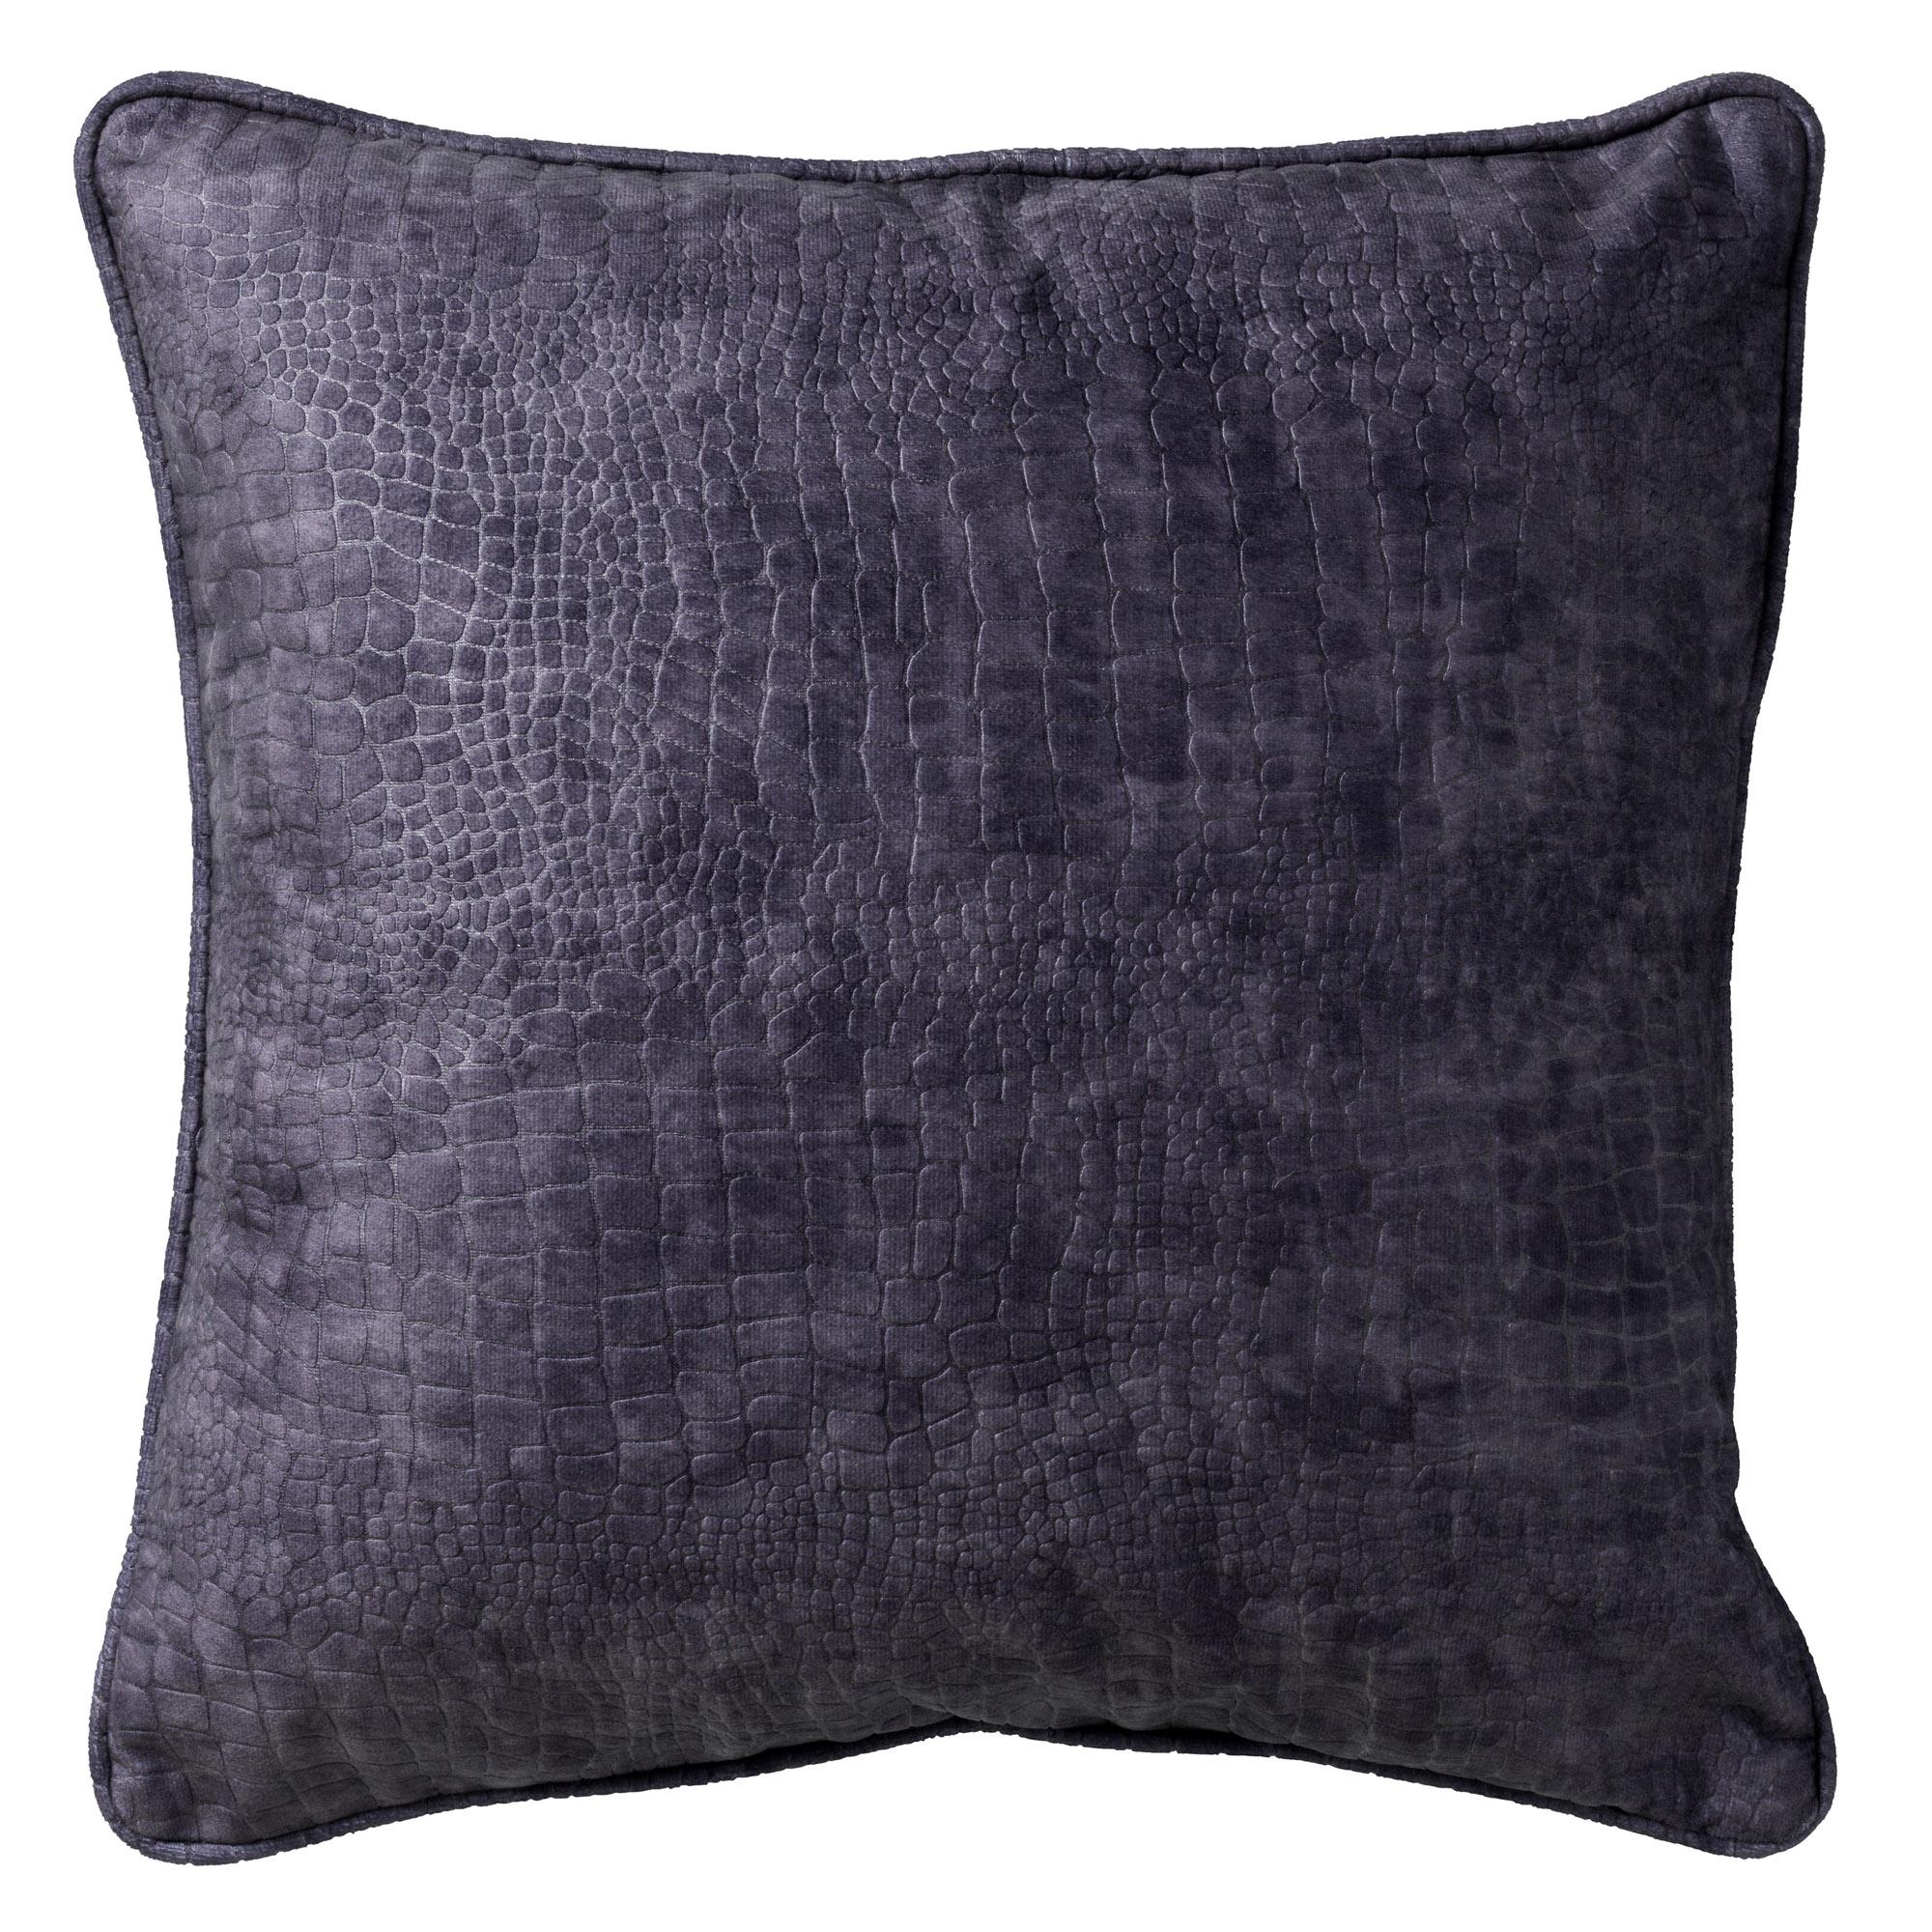 SAMMY - Sierkussen met patroon Charcoal Grey 45x45 cm